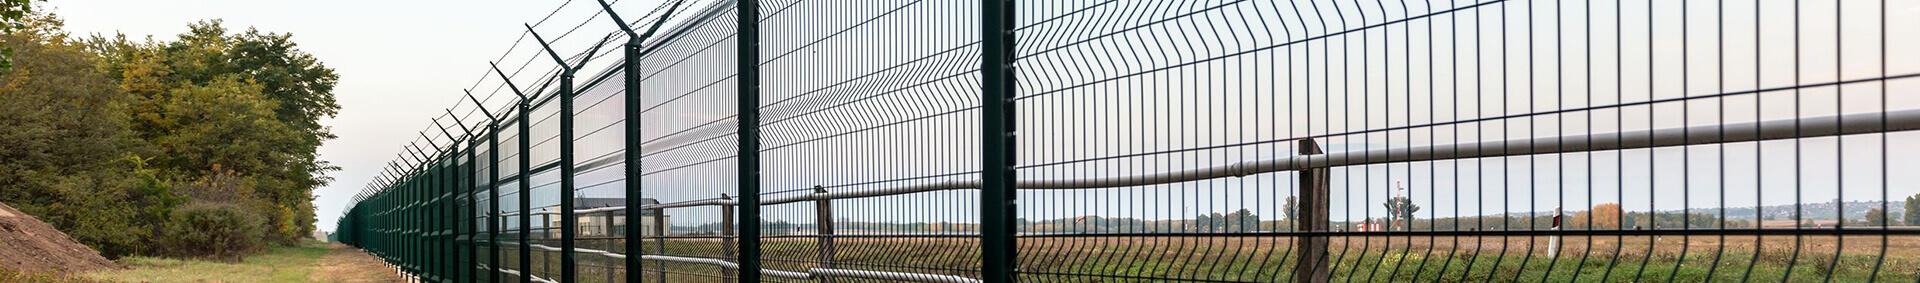 Security Cages in Essex